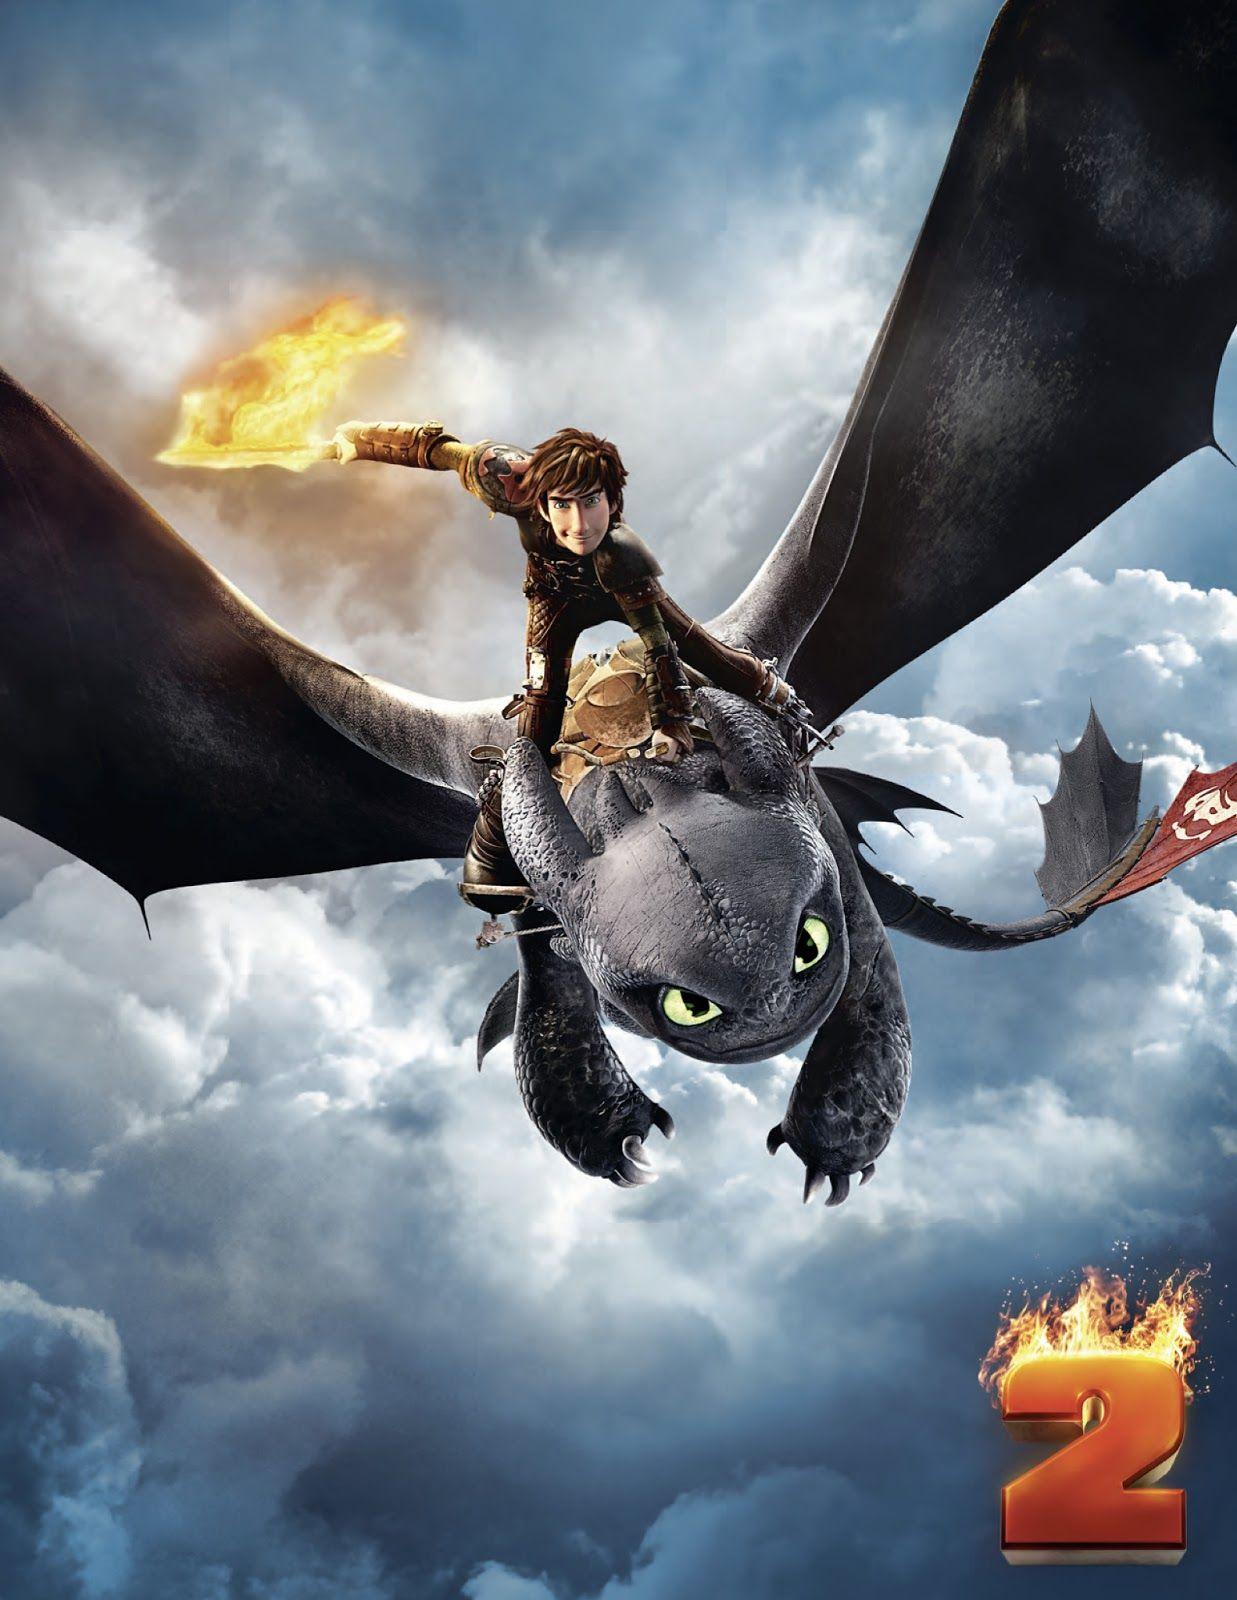 fiestas tematicas de dragon para niños - Buscar con Google